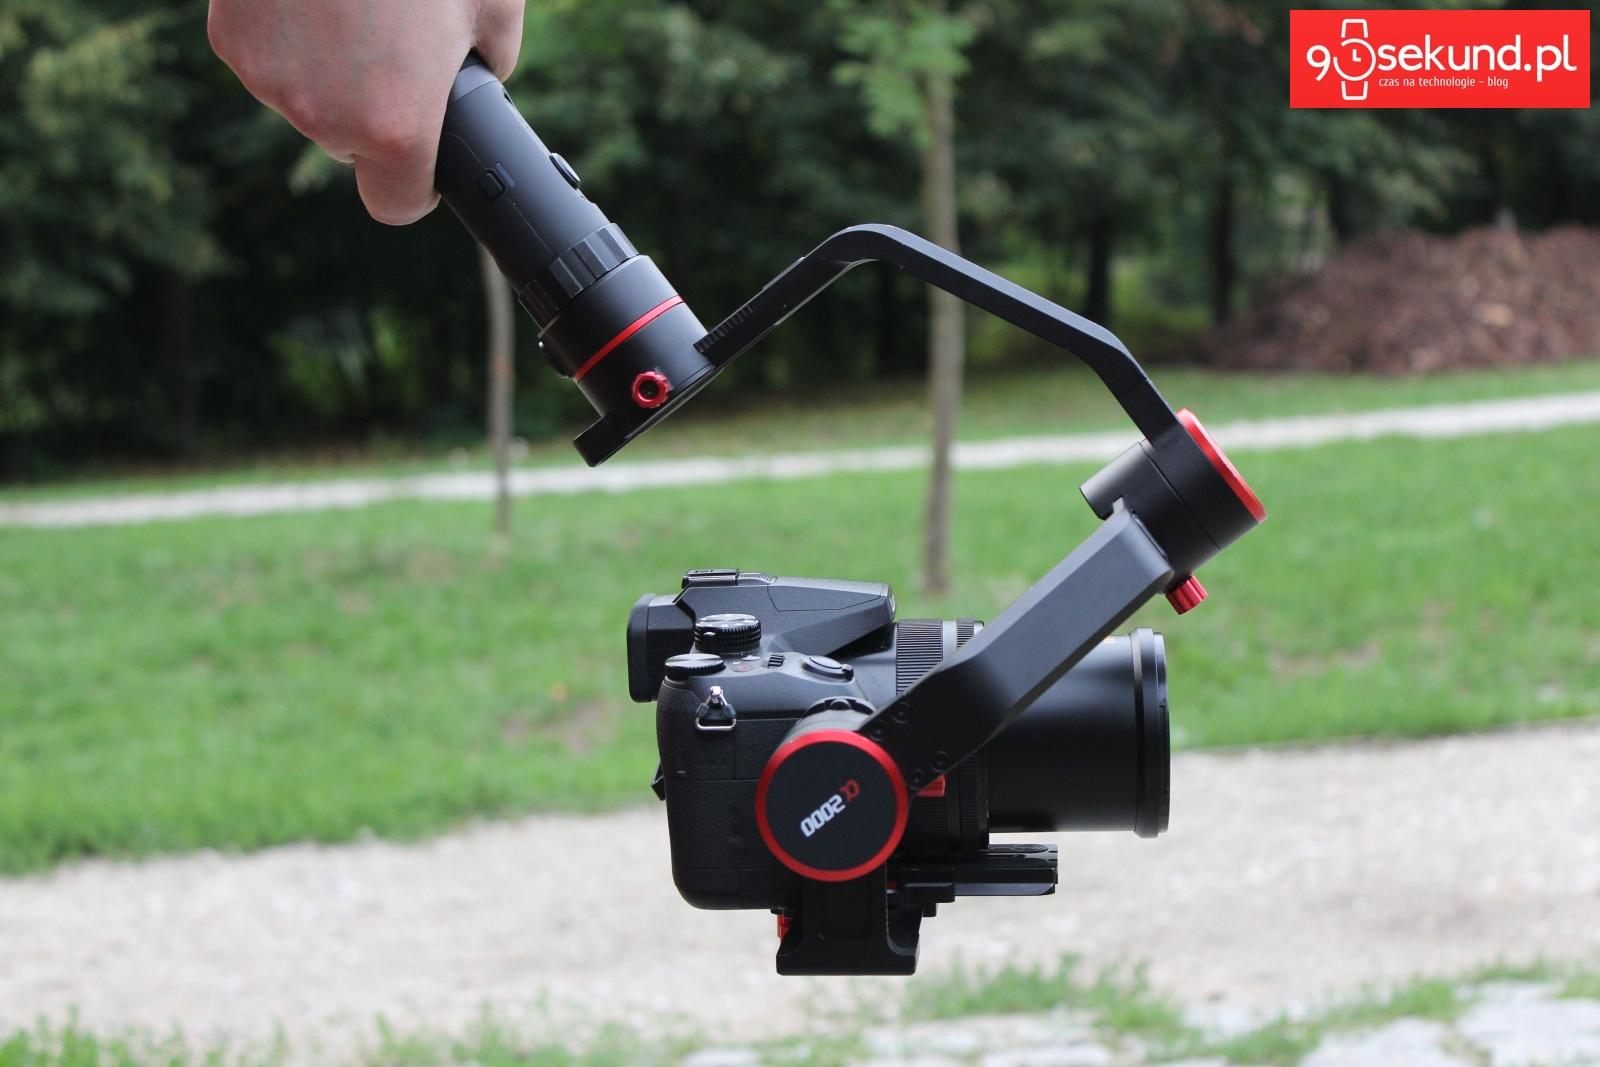 Recenzja Feiyu-Tech A2000 - 90sekund.pl / fot. Krzysztof Bojarczuk